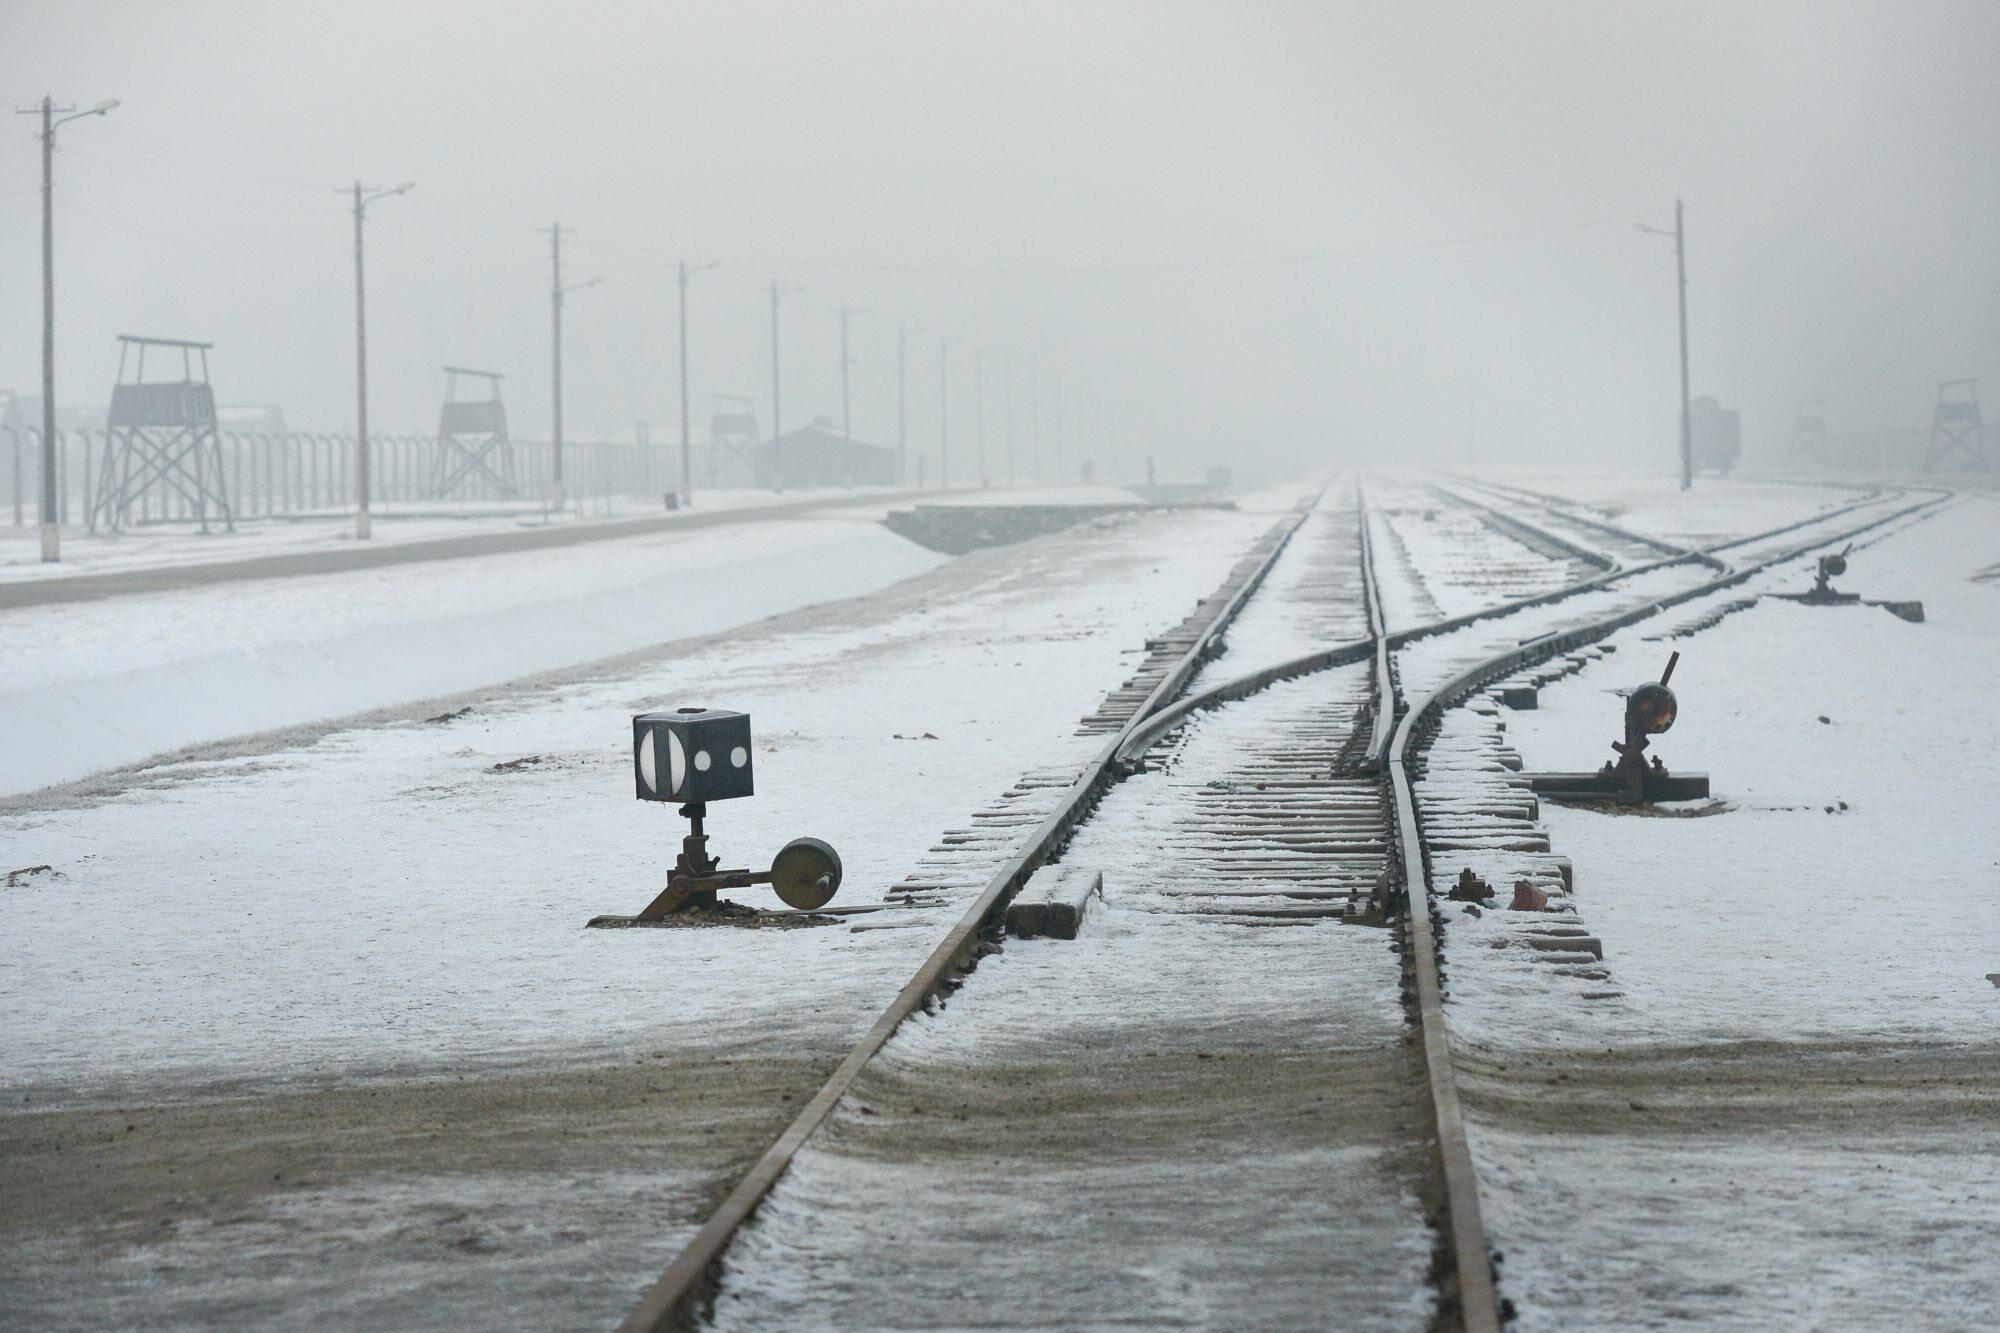 Tory kolejowe prowadzące do obozu Auschwitz